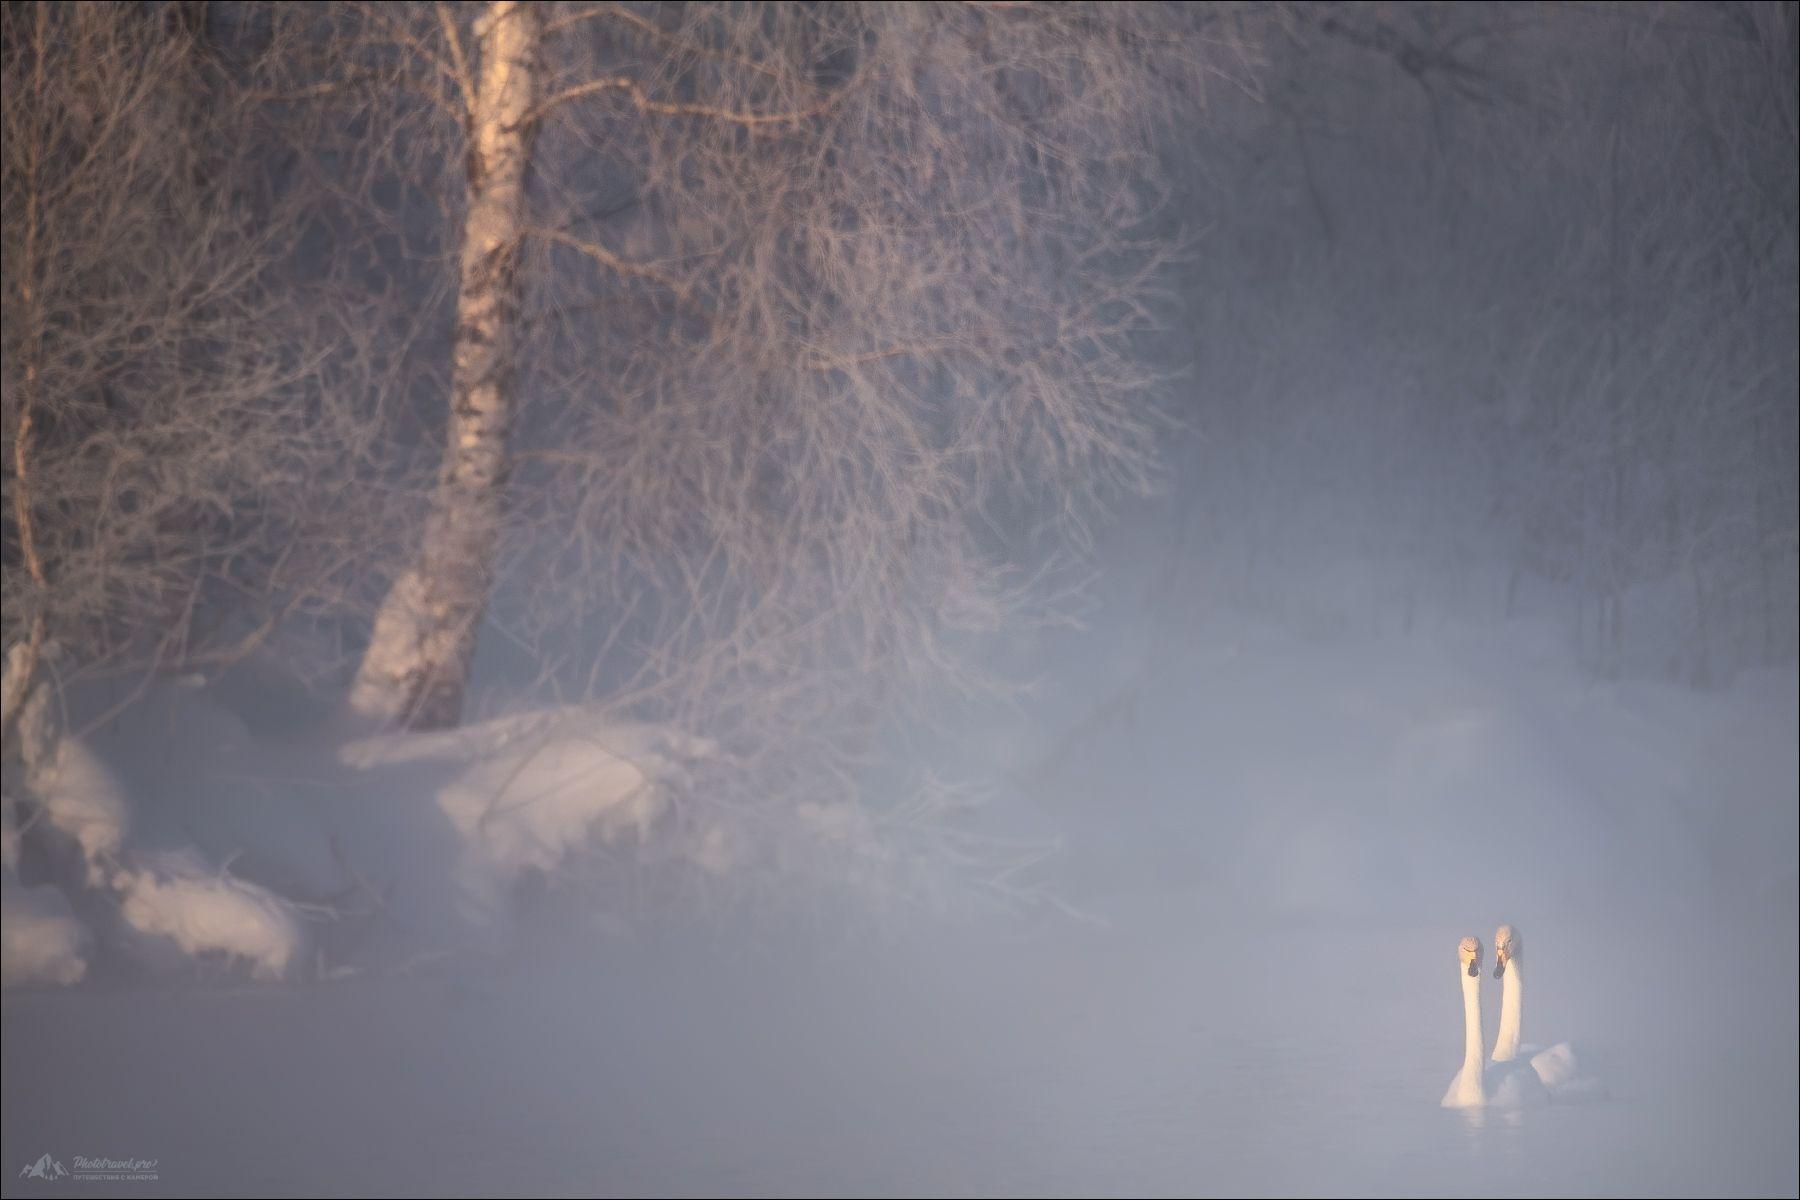 алтай, алтайский край, лебеди, озеро светлое, озеро лебединое, Влад Соколовский